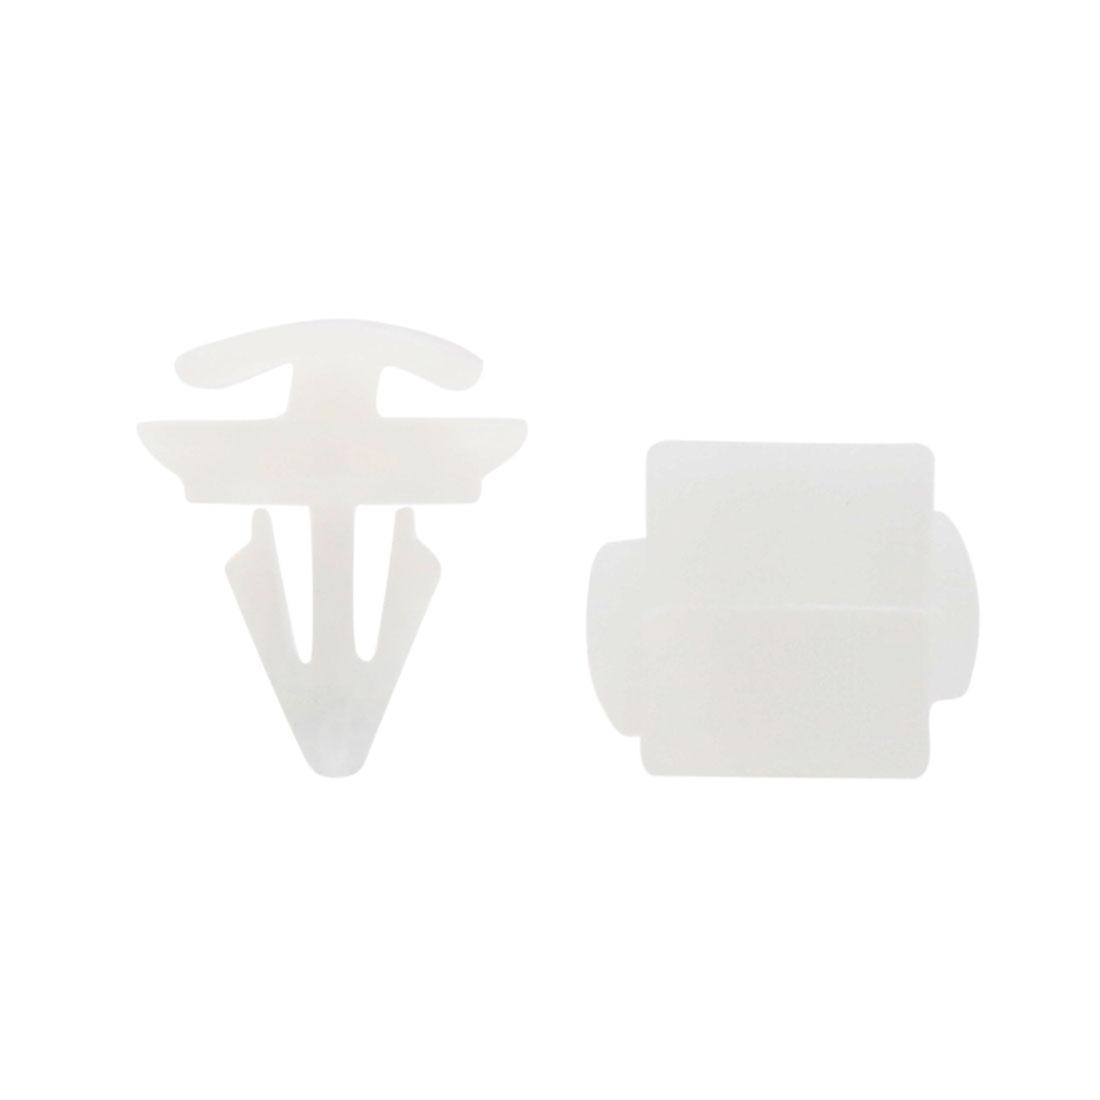 10mm 0.4inch Truck Car Door Plastic Rivet Fastener Retainer Clip White 50 Pcs